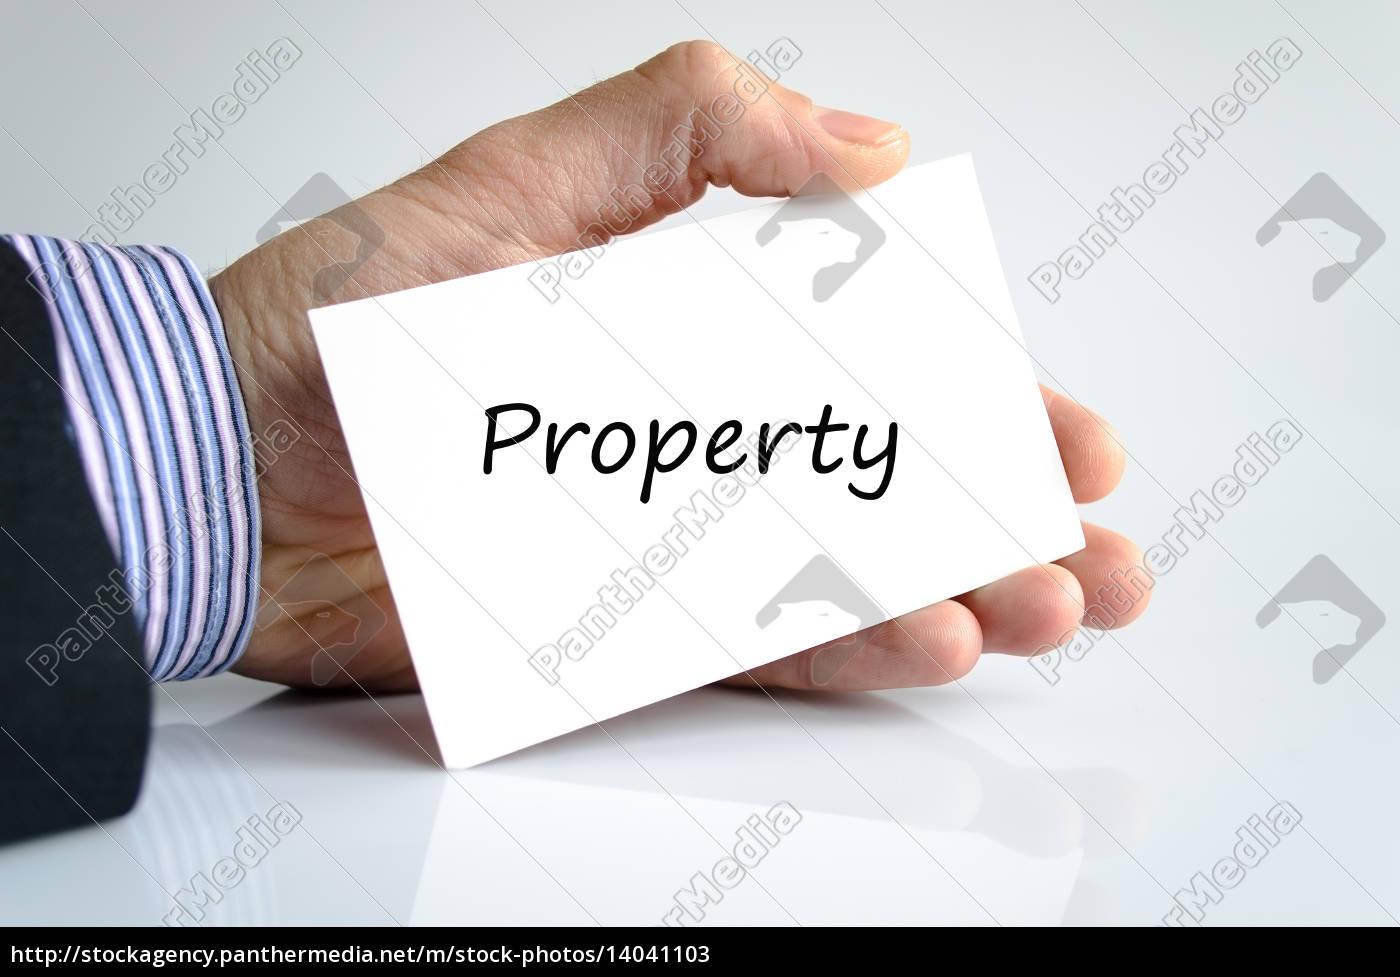 text, property - 14041103